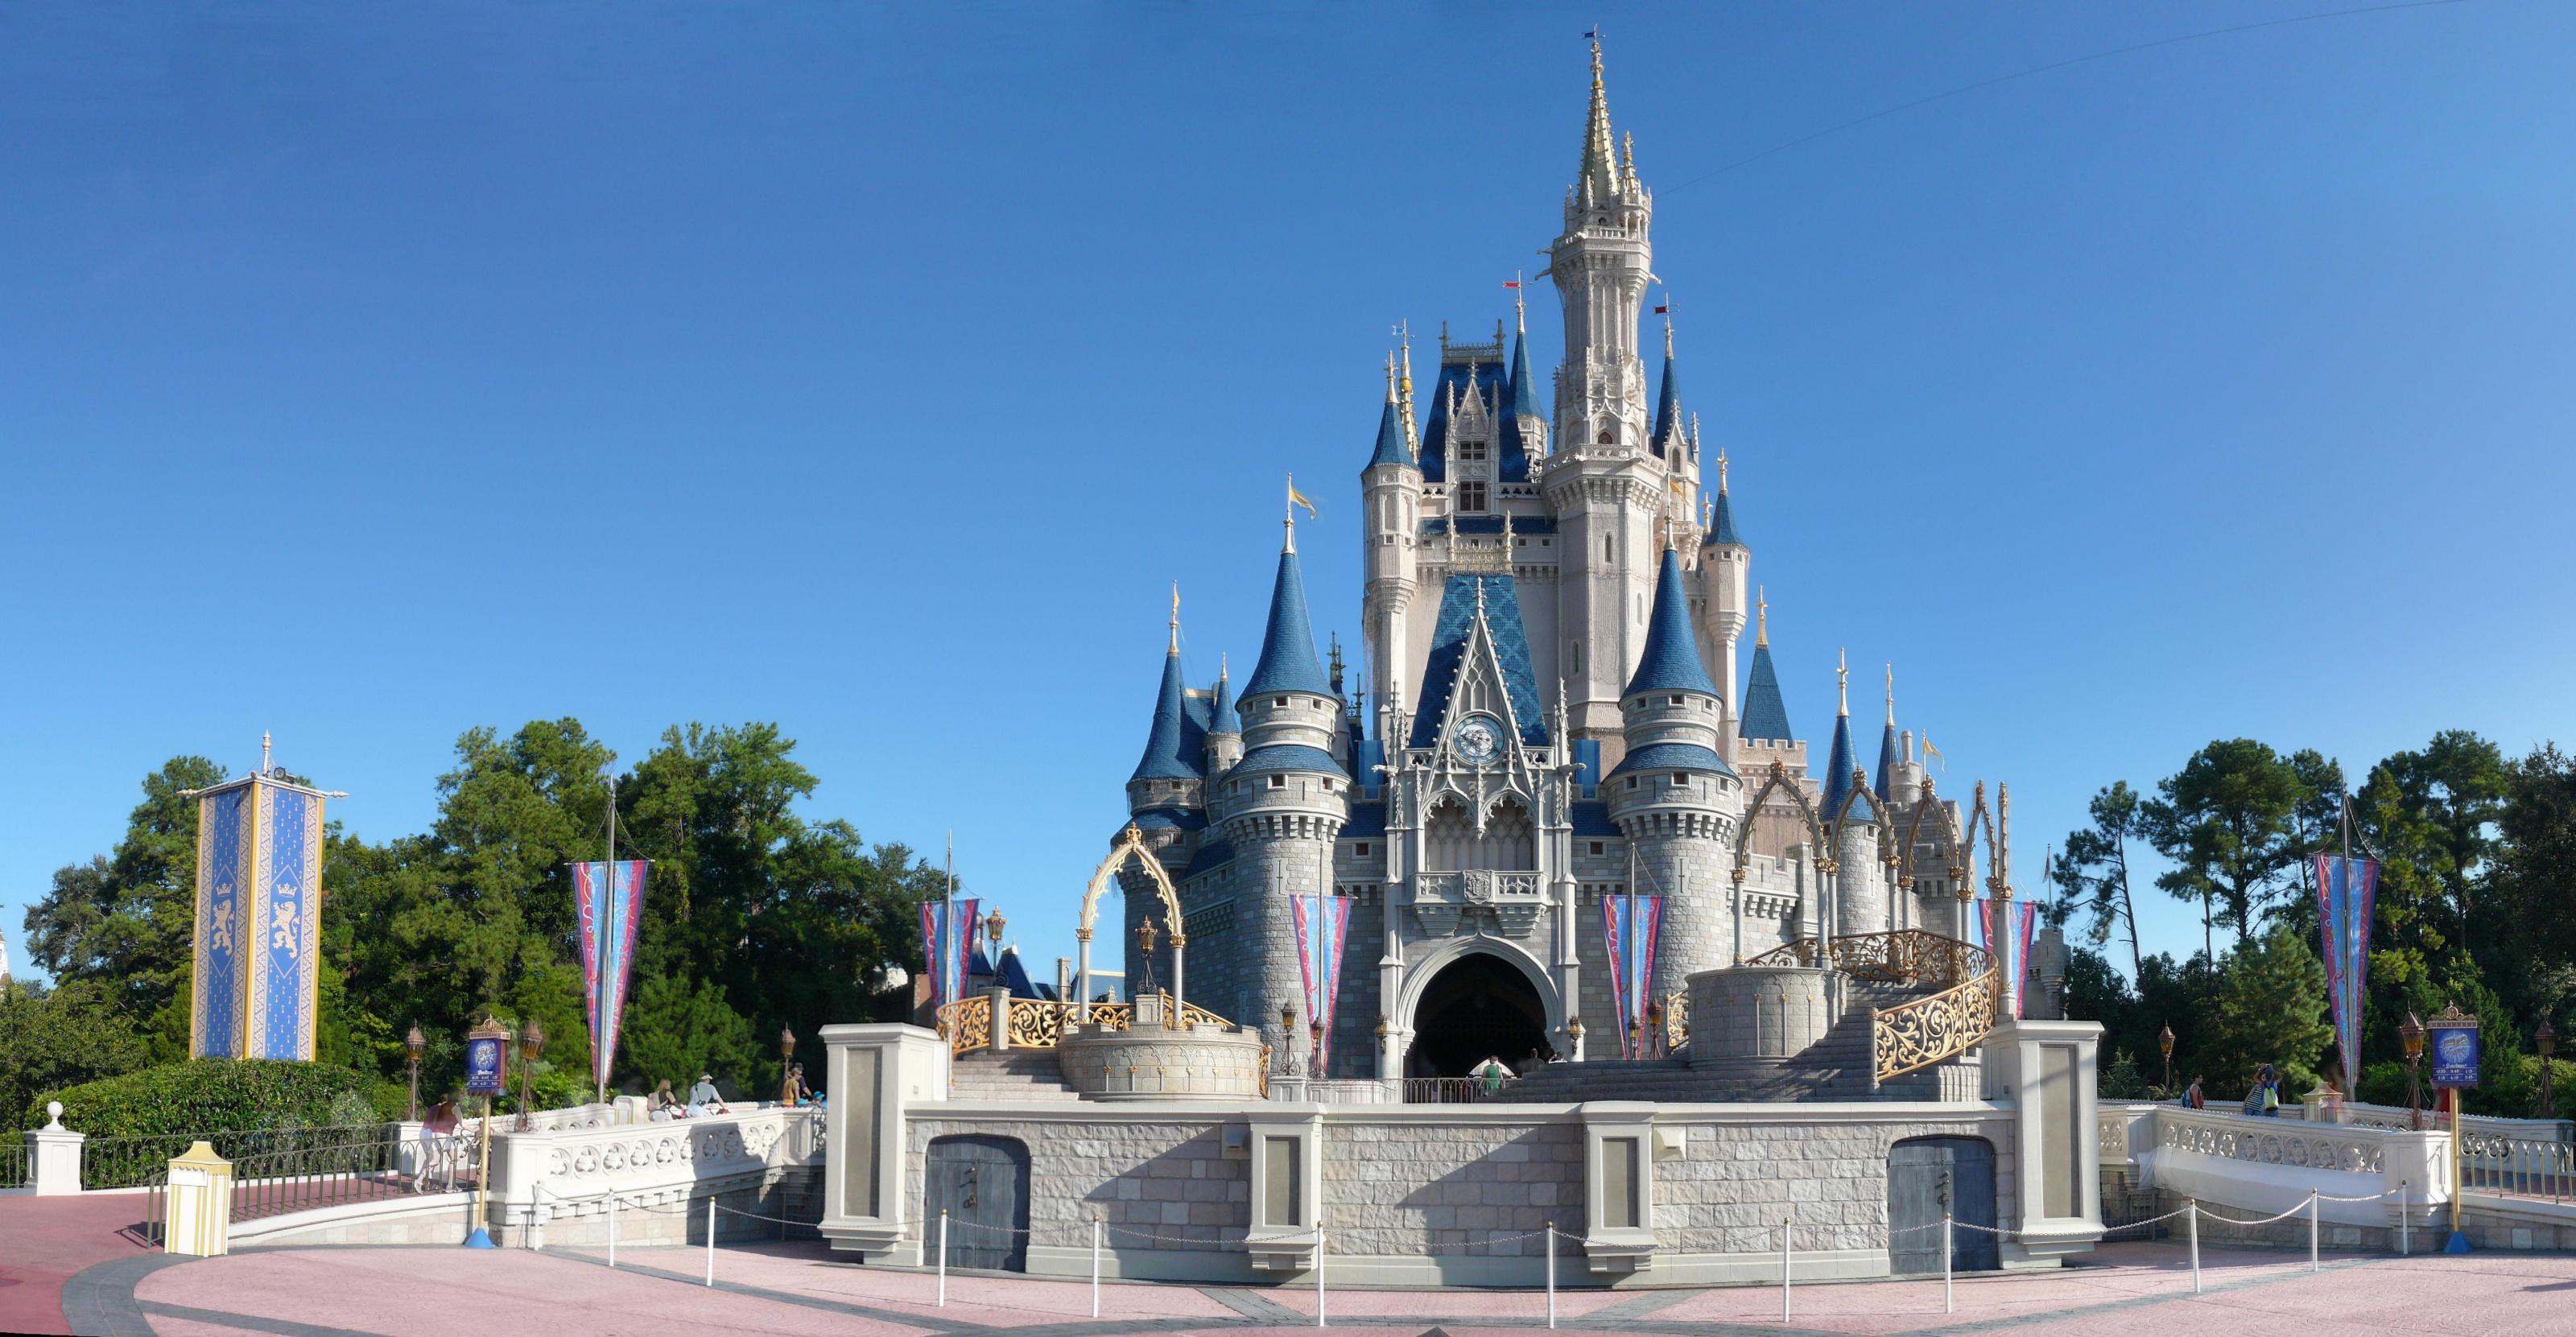 Disney world magic kingdom clipart vector download Disney World Castle Clipart - Clipart Kid vector download